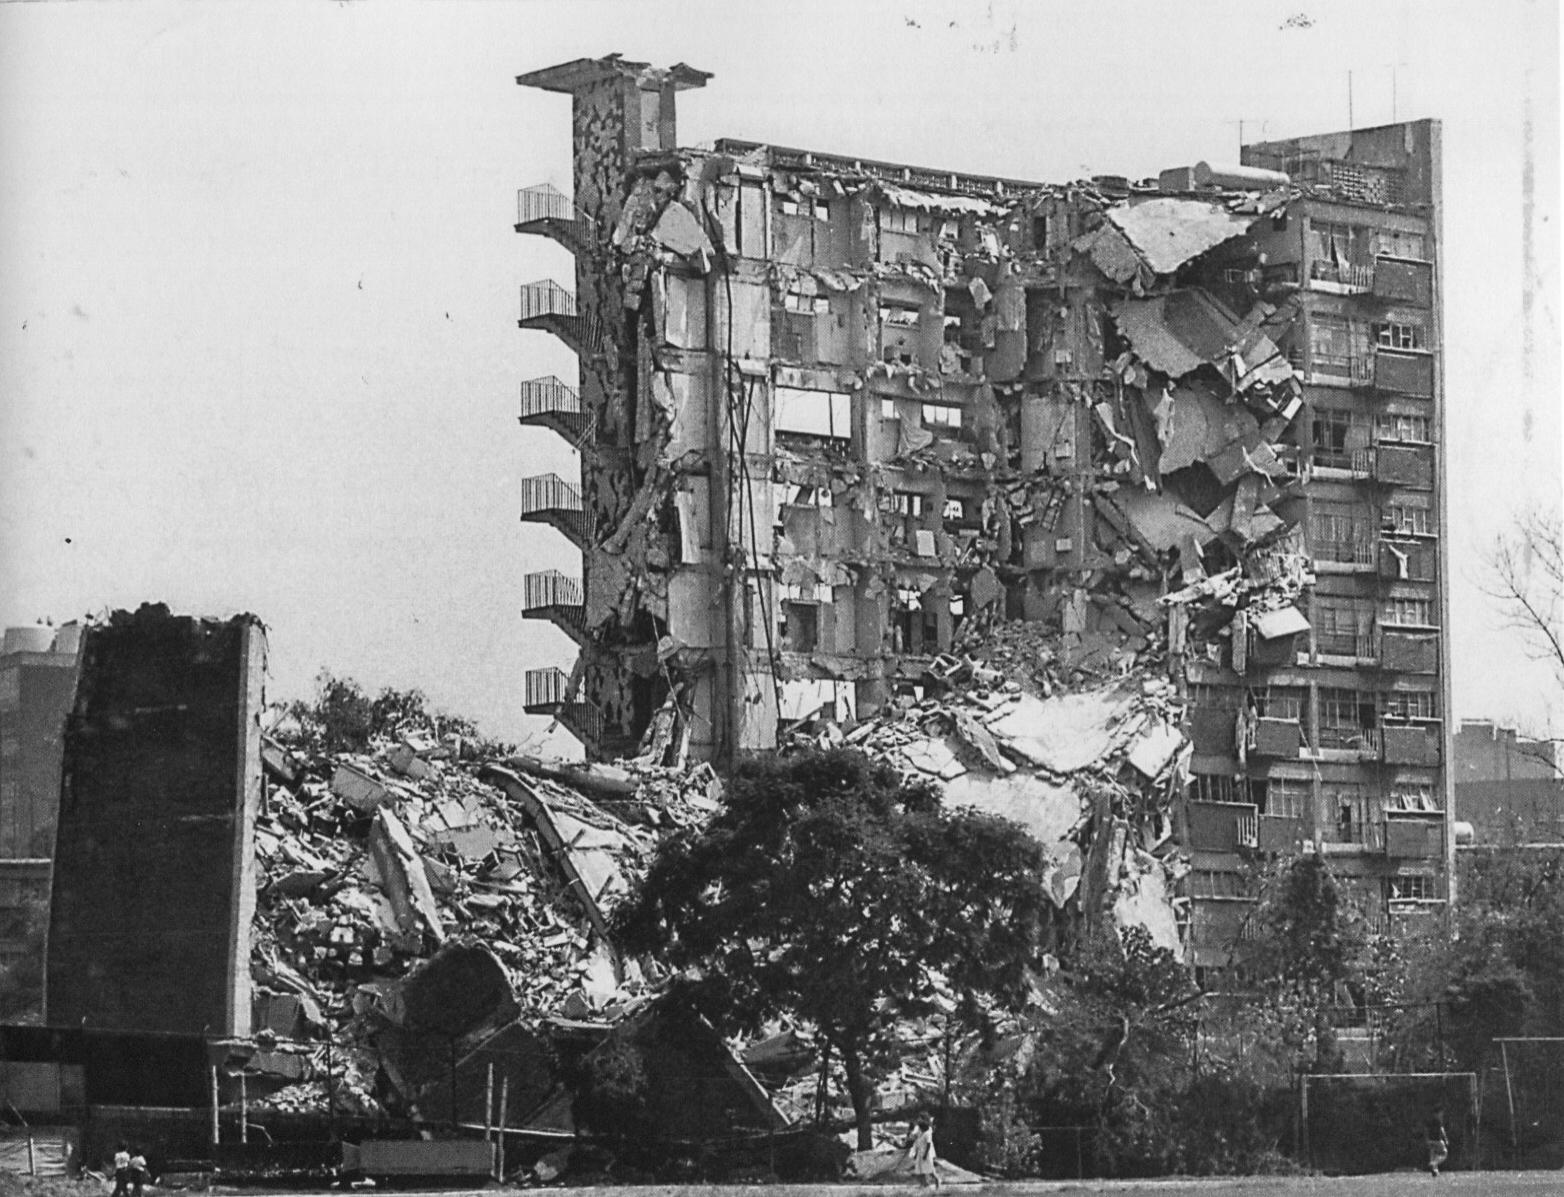 Entrevista con Enrique Metinides sobre el terremoto de 1985